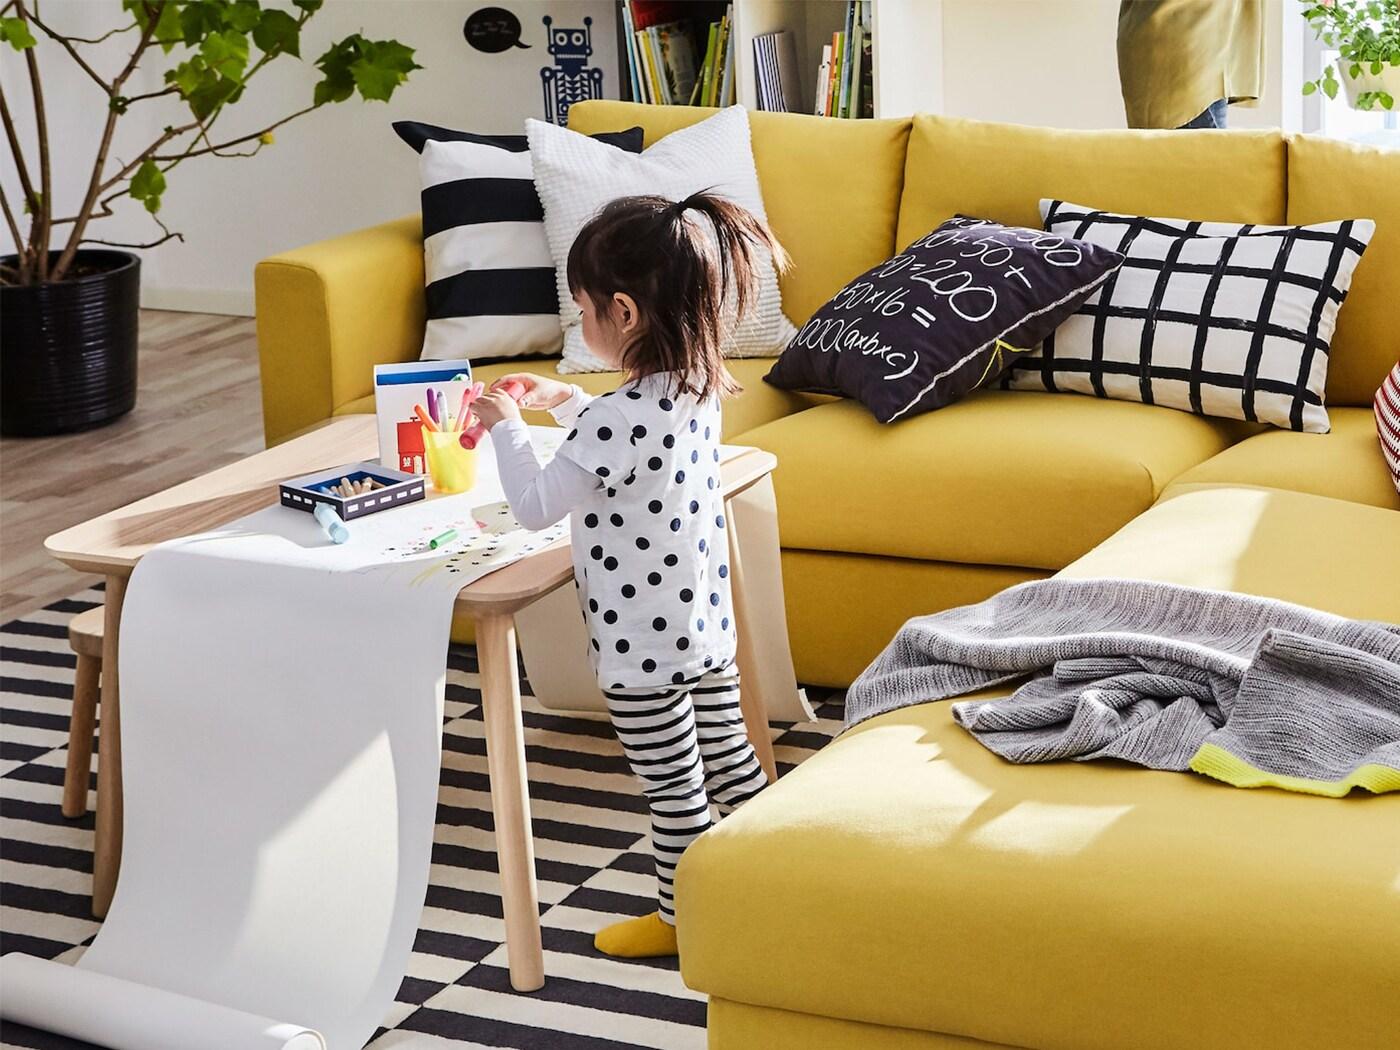 Sárga VIMLE 3 személyes kanapé a nappaliban.